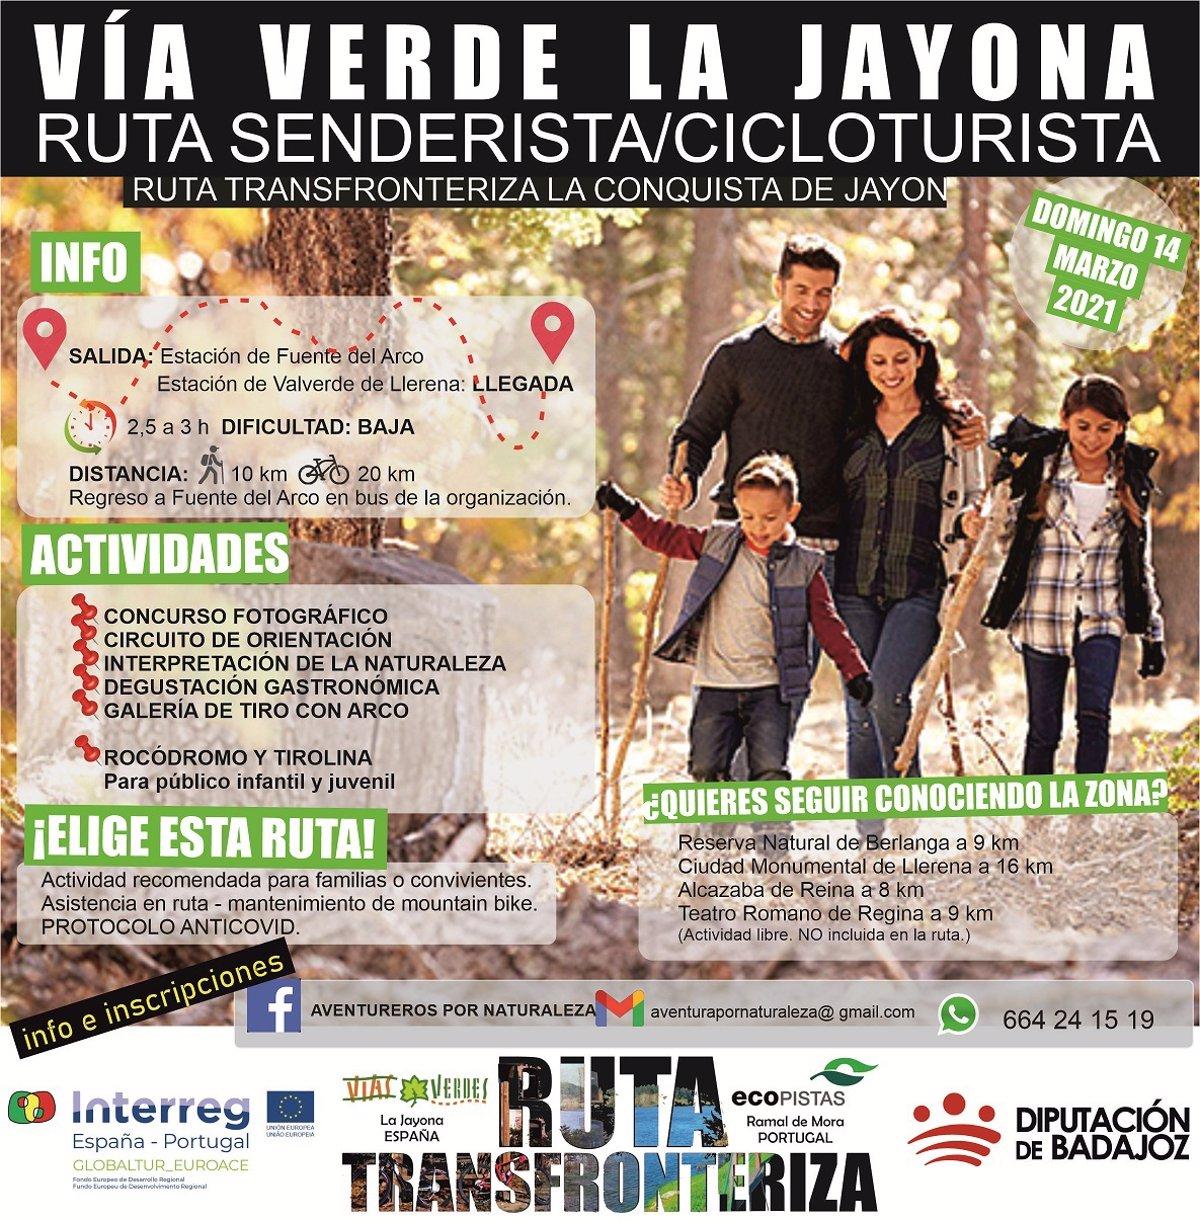 Tres rutas transfronterizas recorren la vía verde de La Jayona y la ecopista del Ramal de Mora - Descubrir